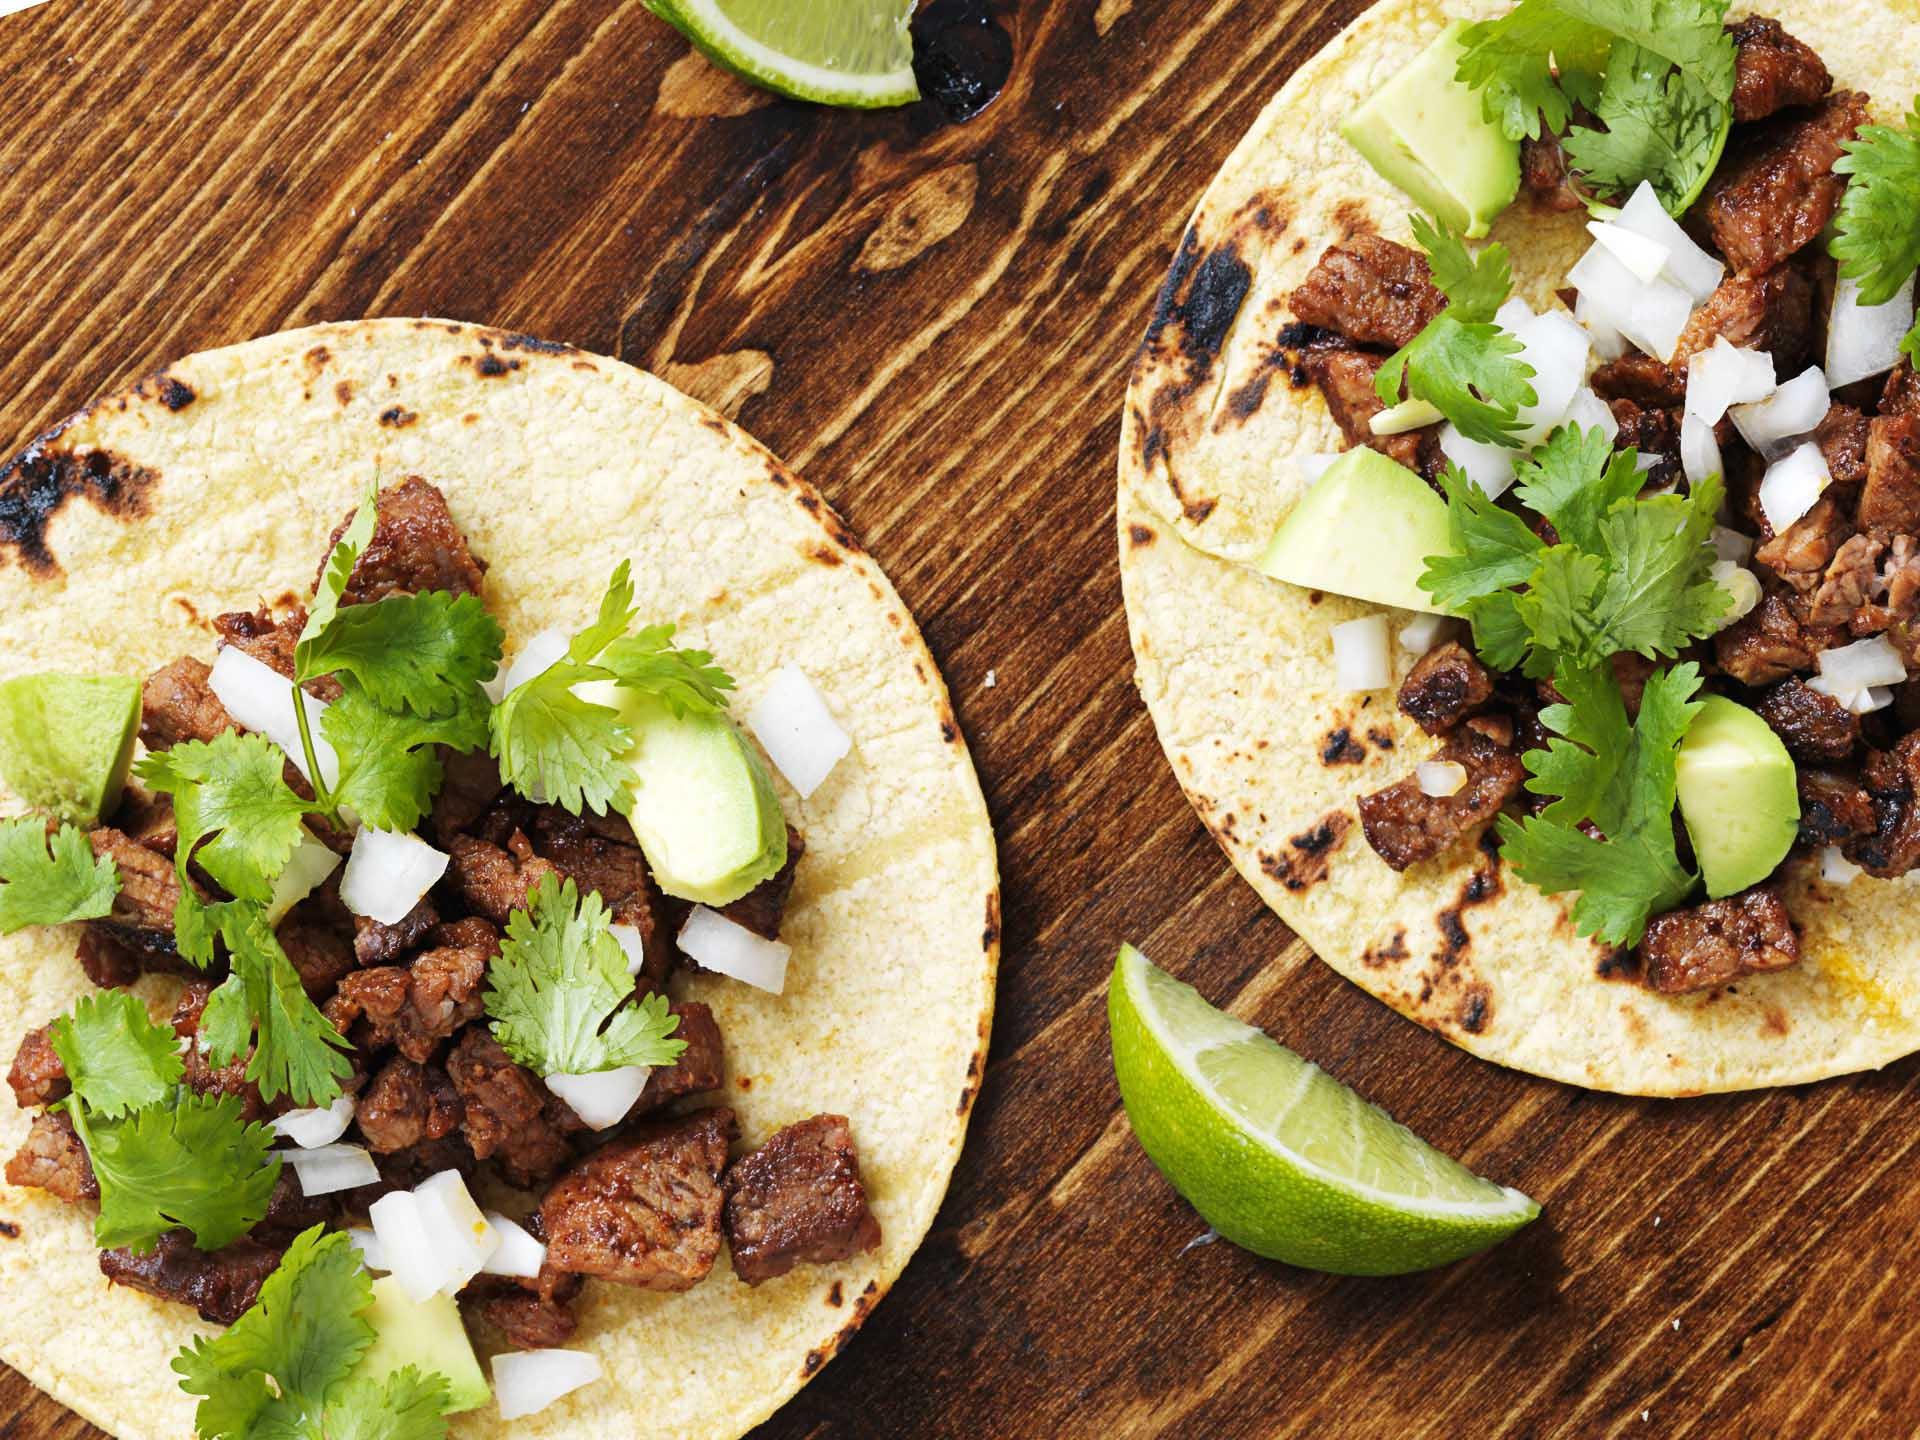 mexican food tacos computer wallpaper 62874